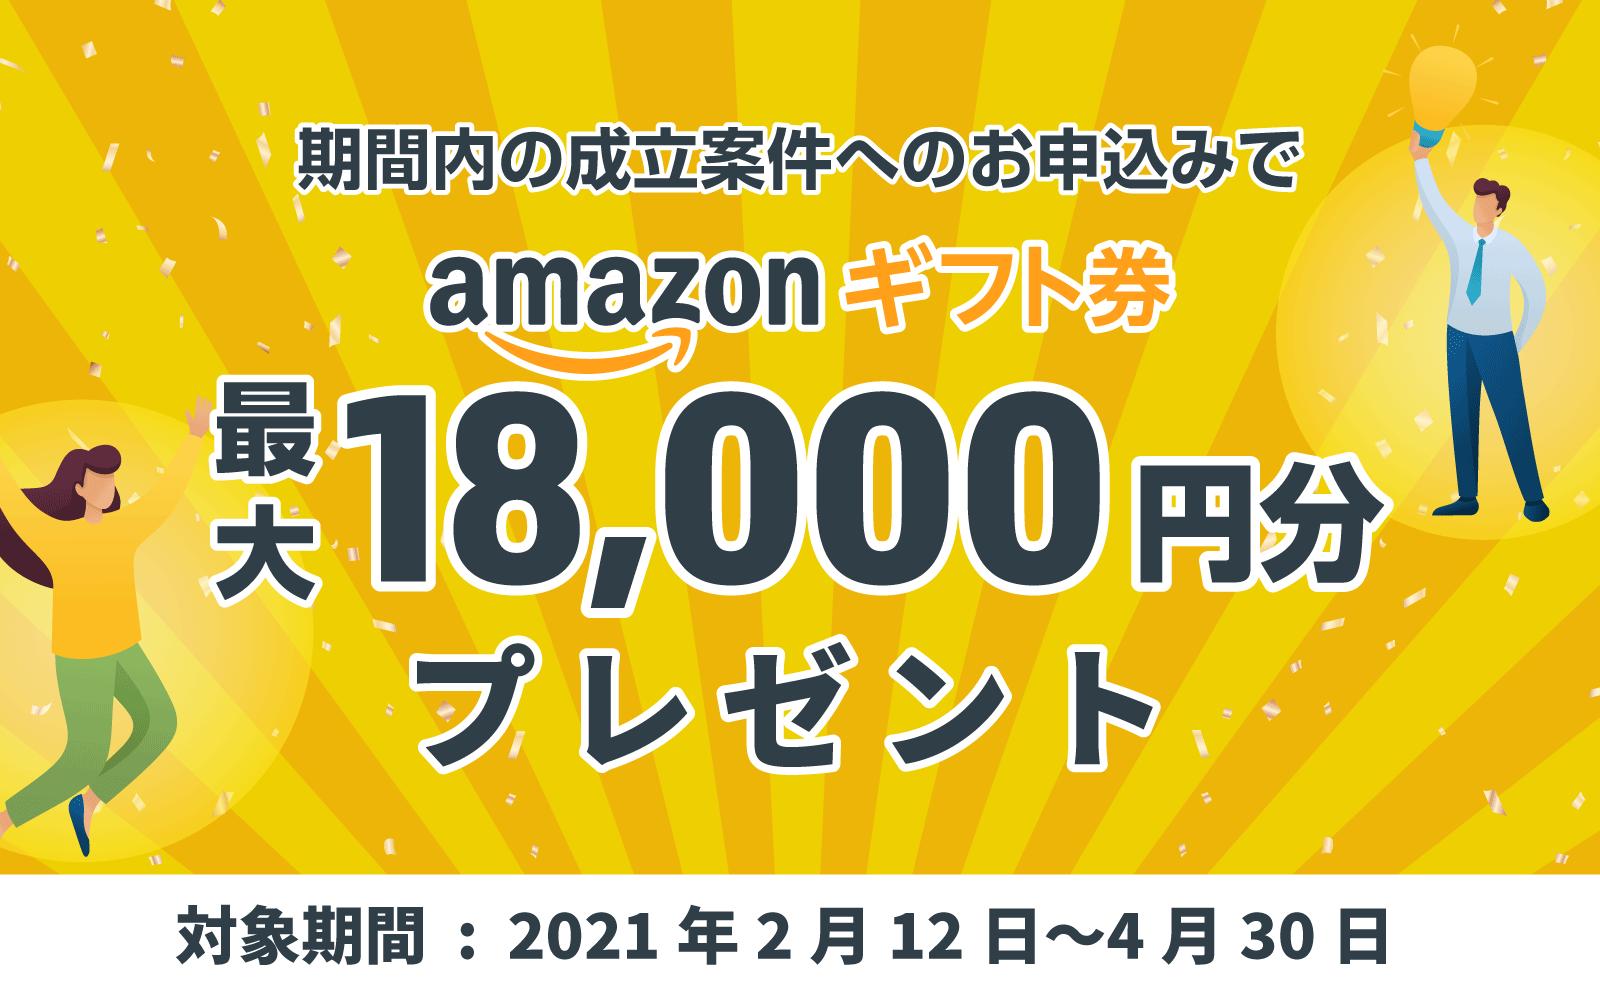 期間内の成立案件へのお申込みでamazonギフト券最大18,000円分プレゼント 対象期間:2021年2月12日〜2021年4月30日